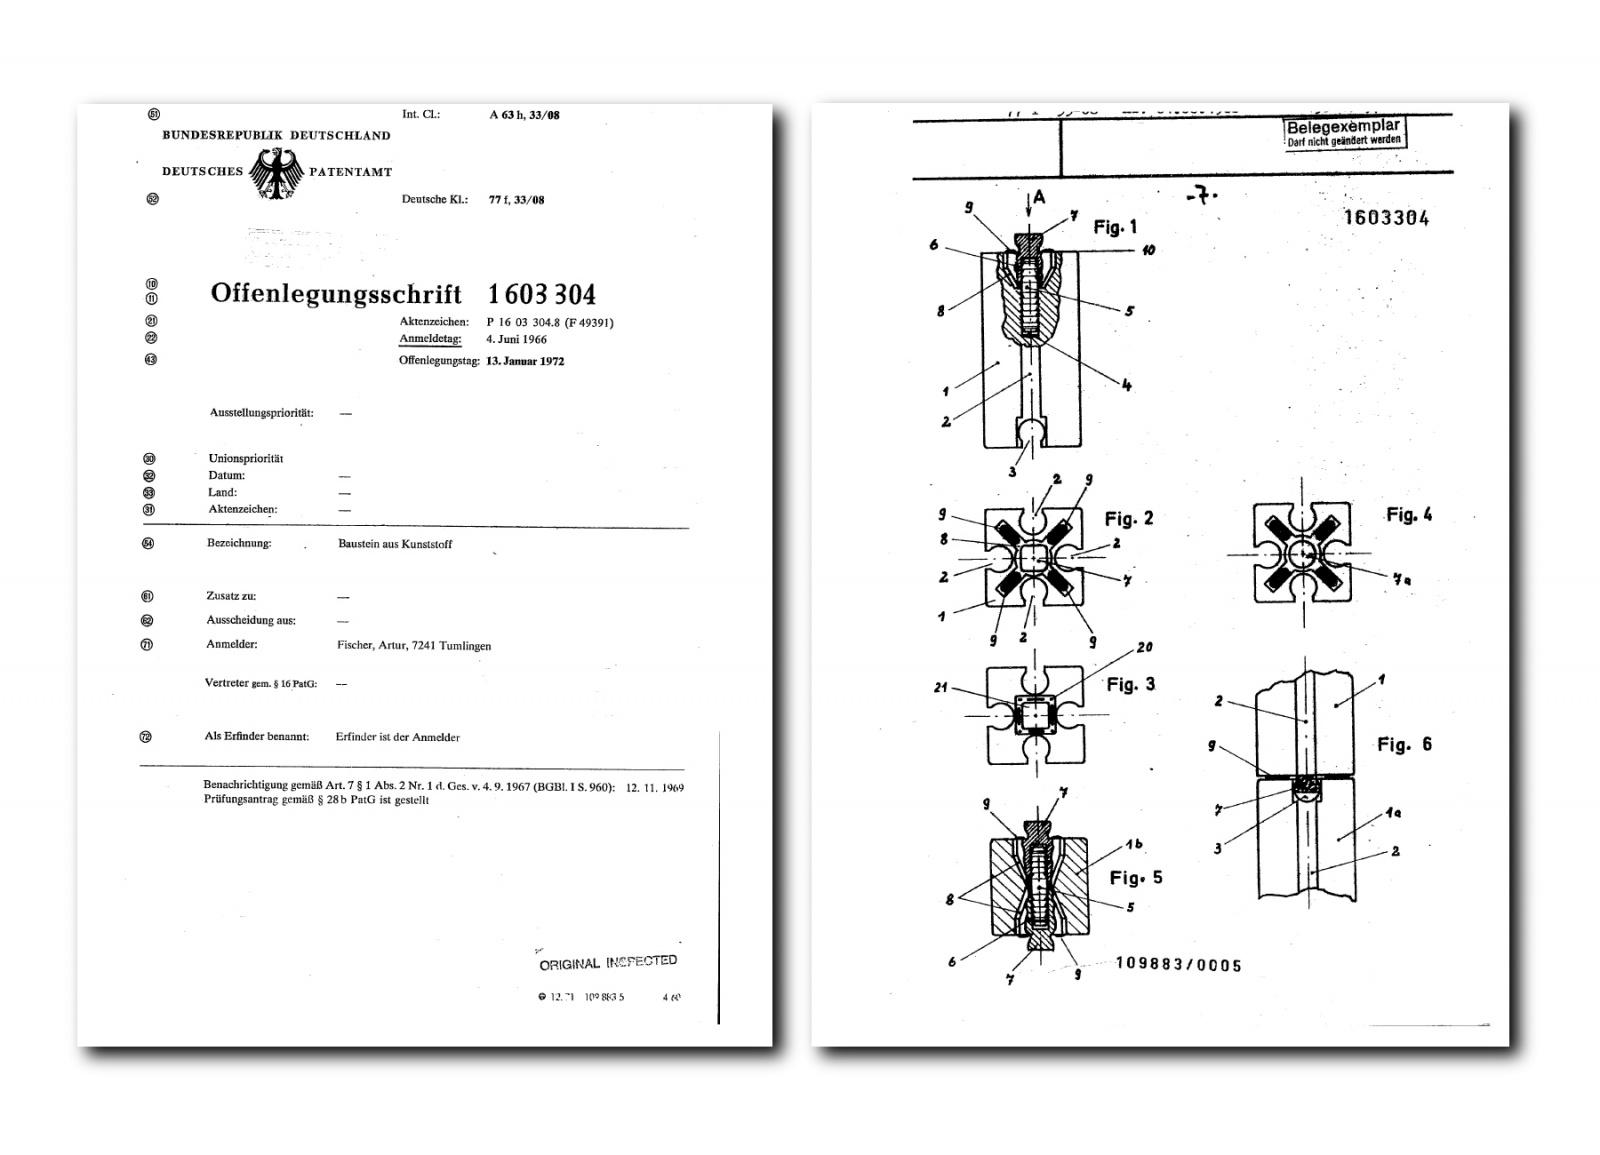 История инженерных конструкторов fischertechnik - 3